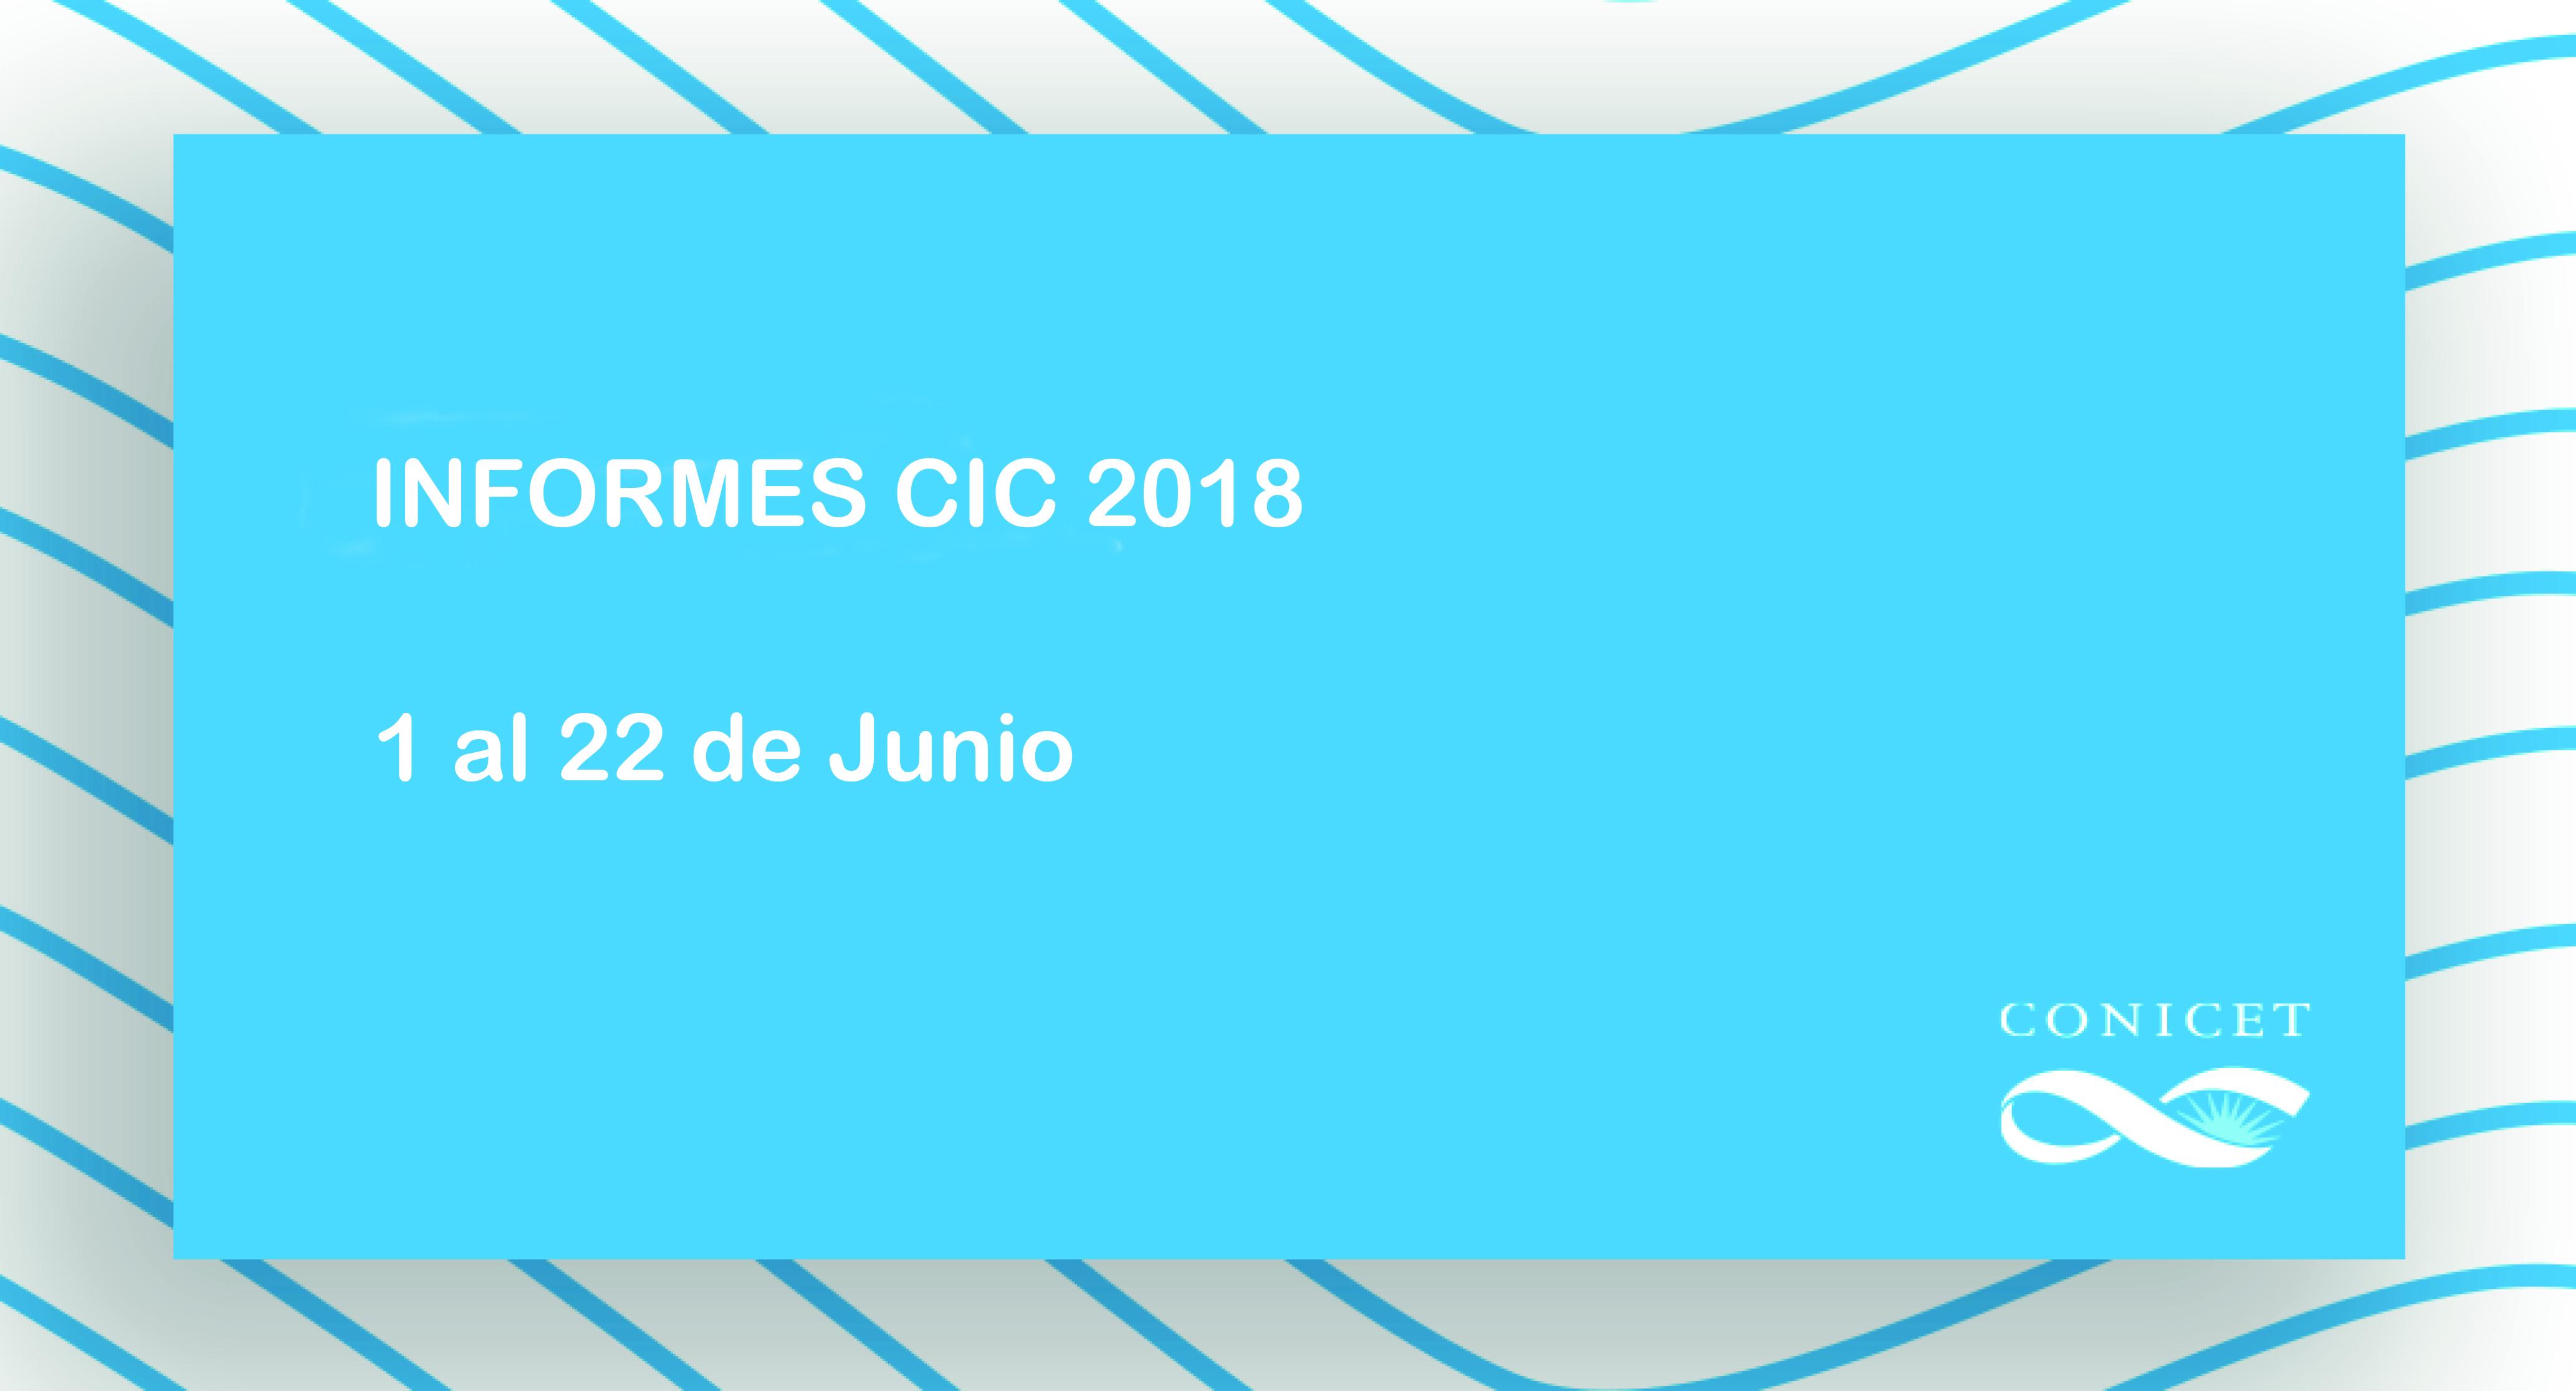 Informes CIC